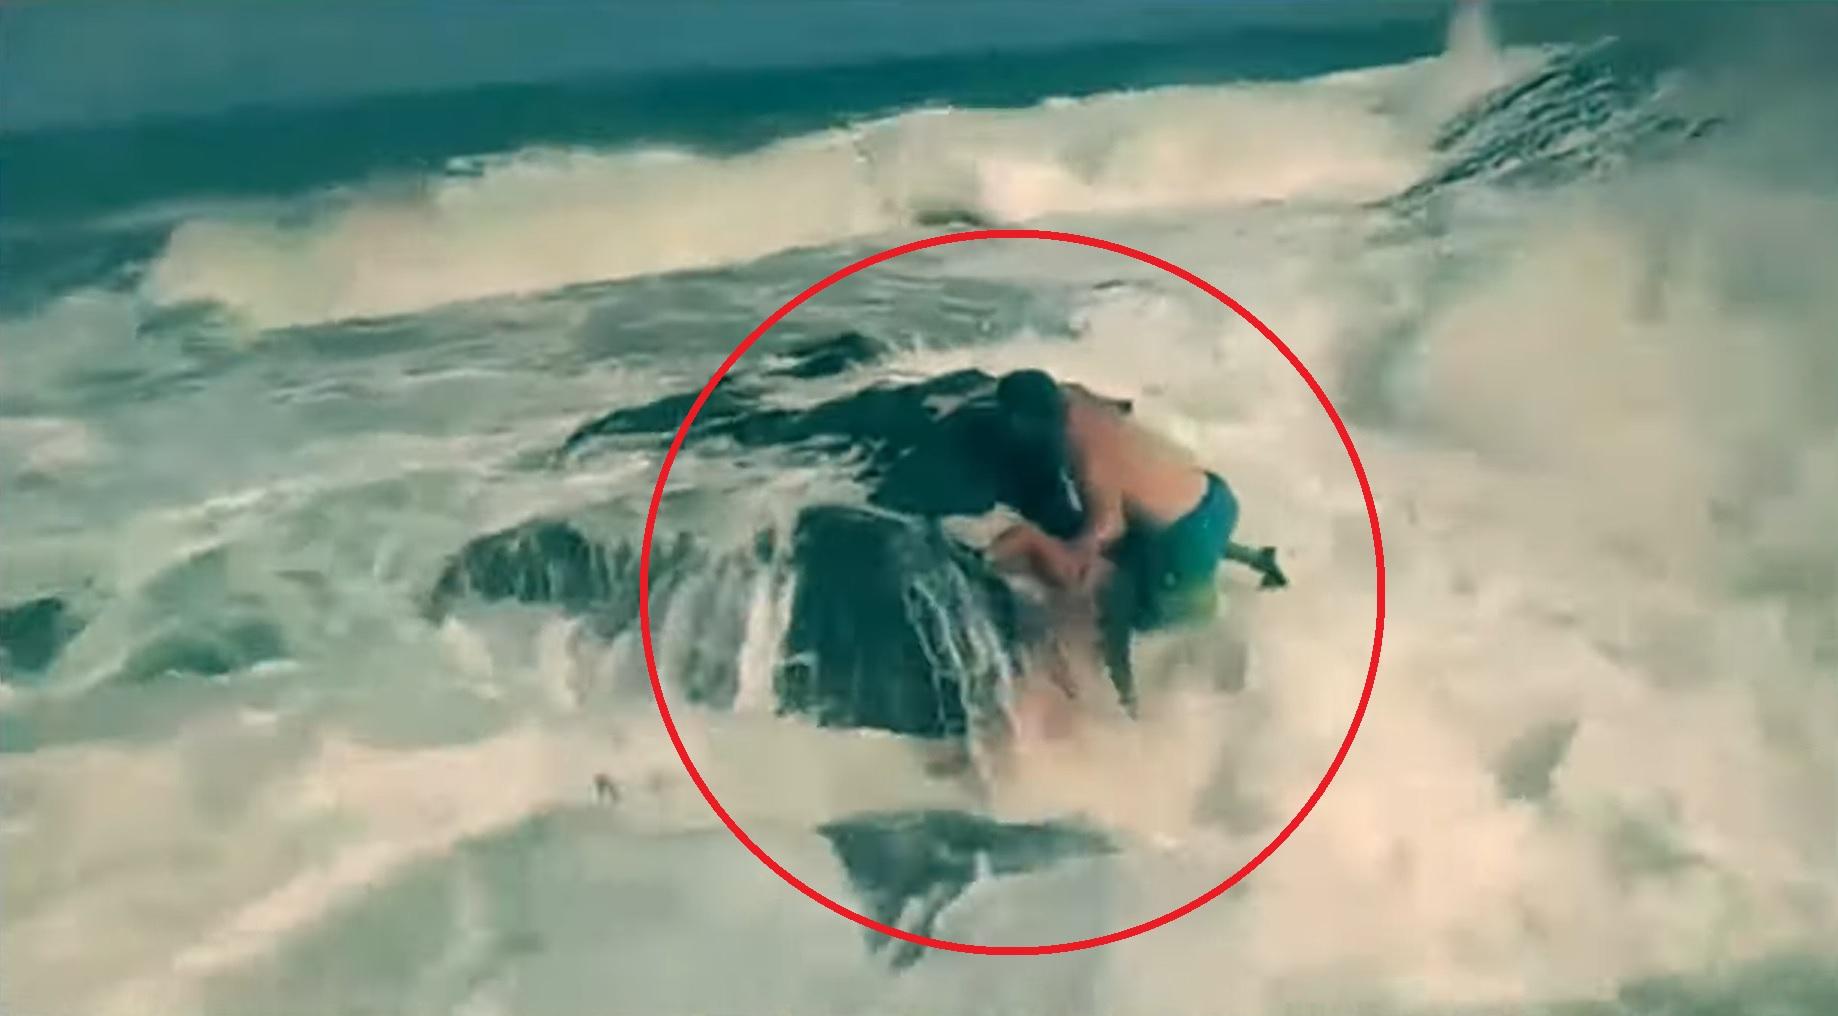 الزوج الشهم لقى مصرعه غرقاً خلال انقاذ الفتاة.